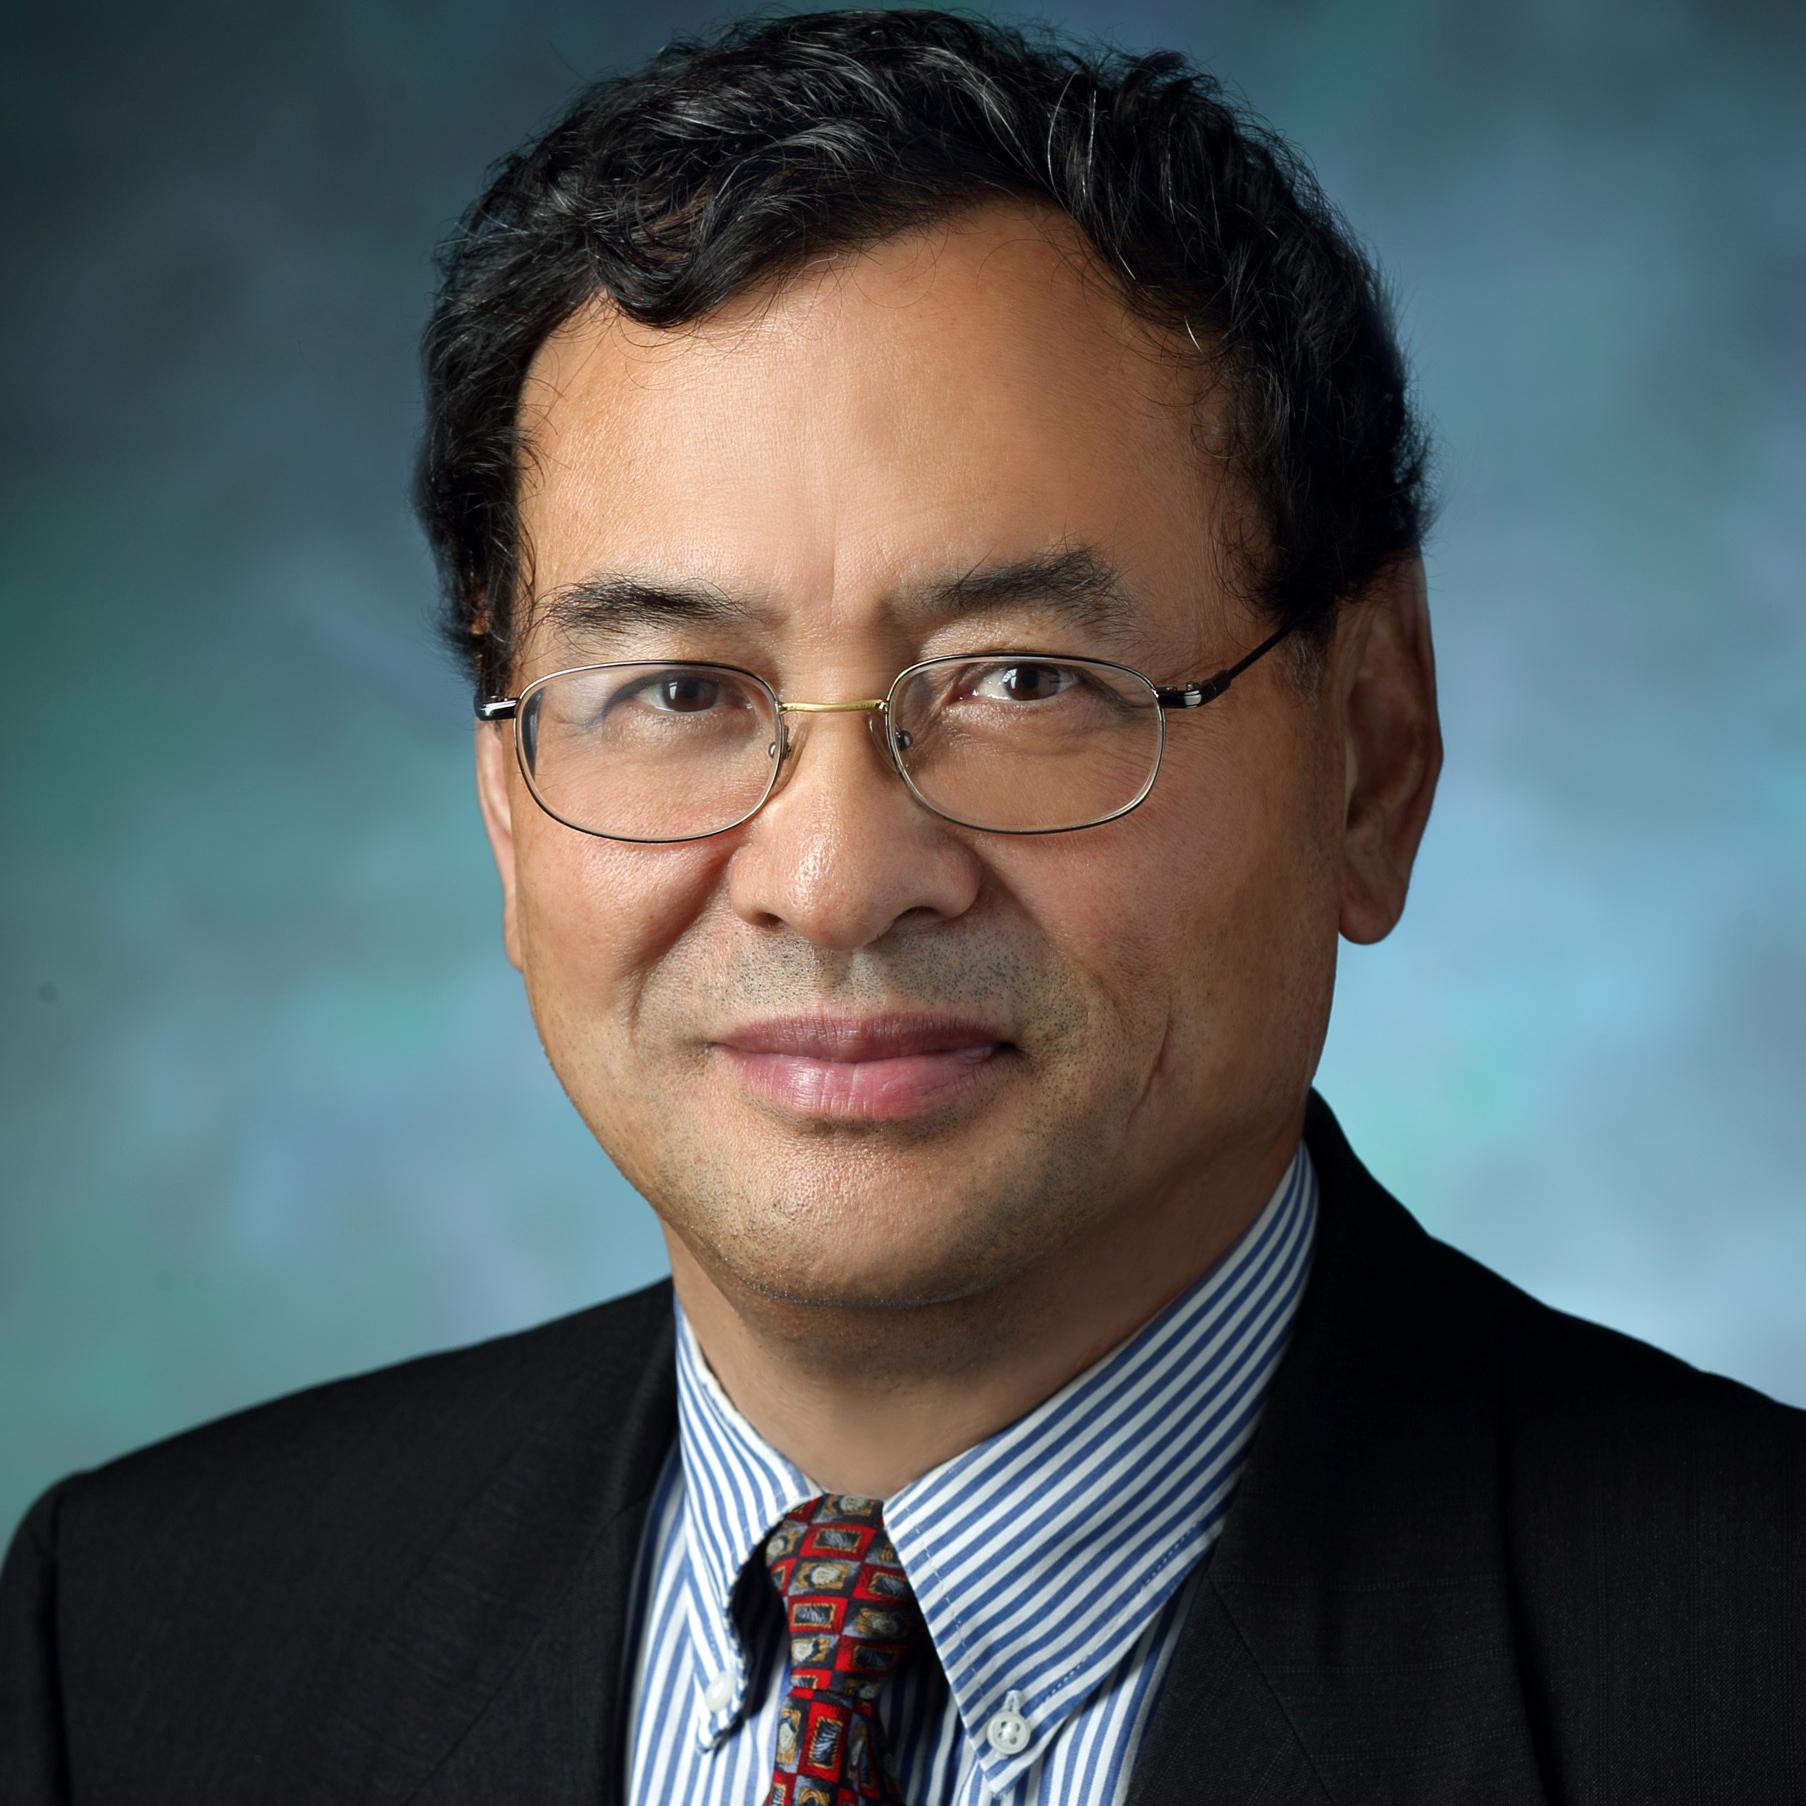 Chen Jiande